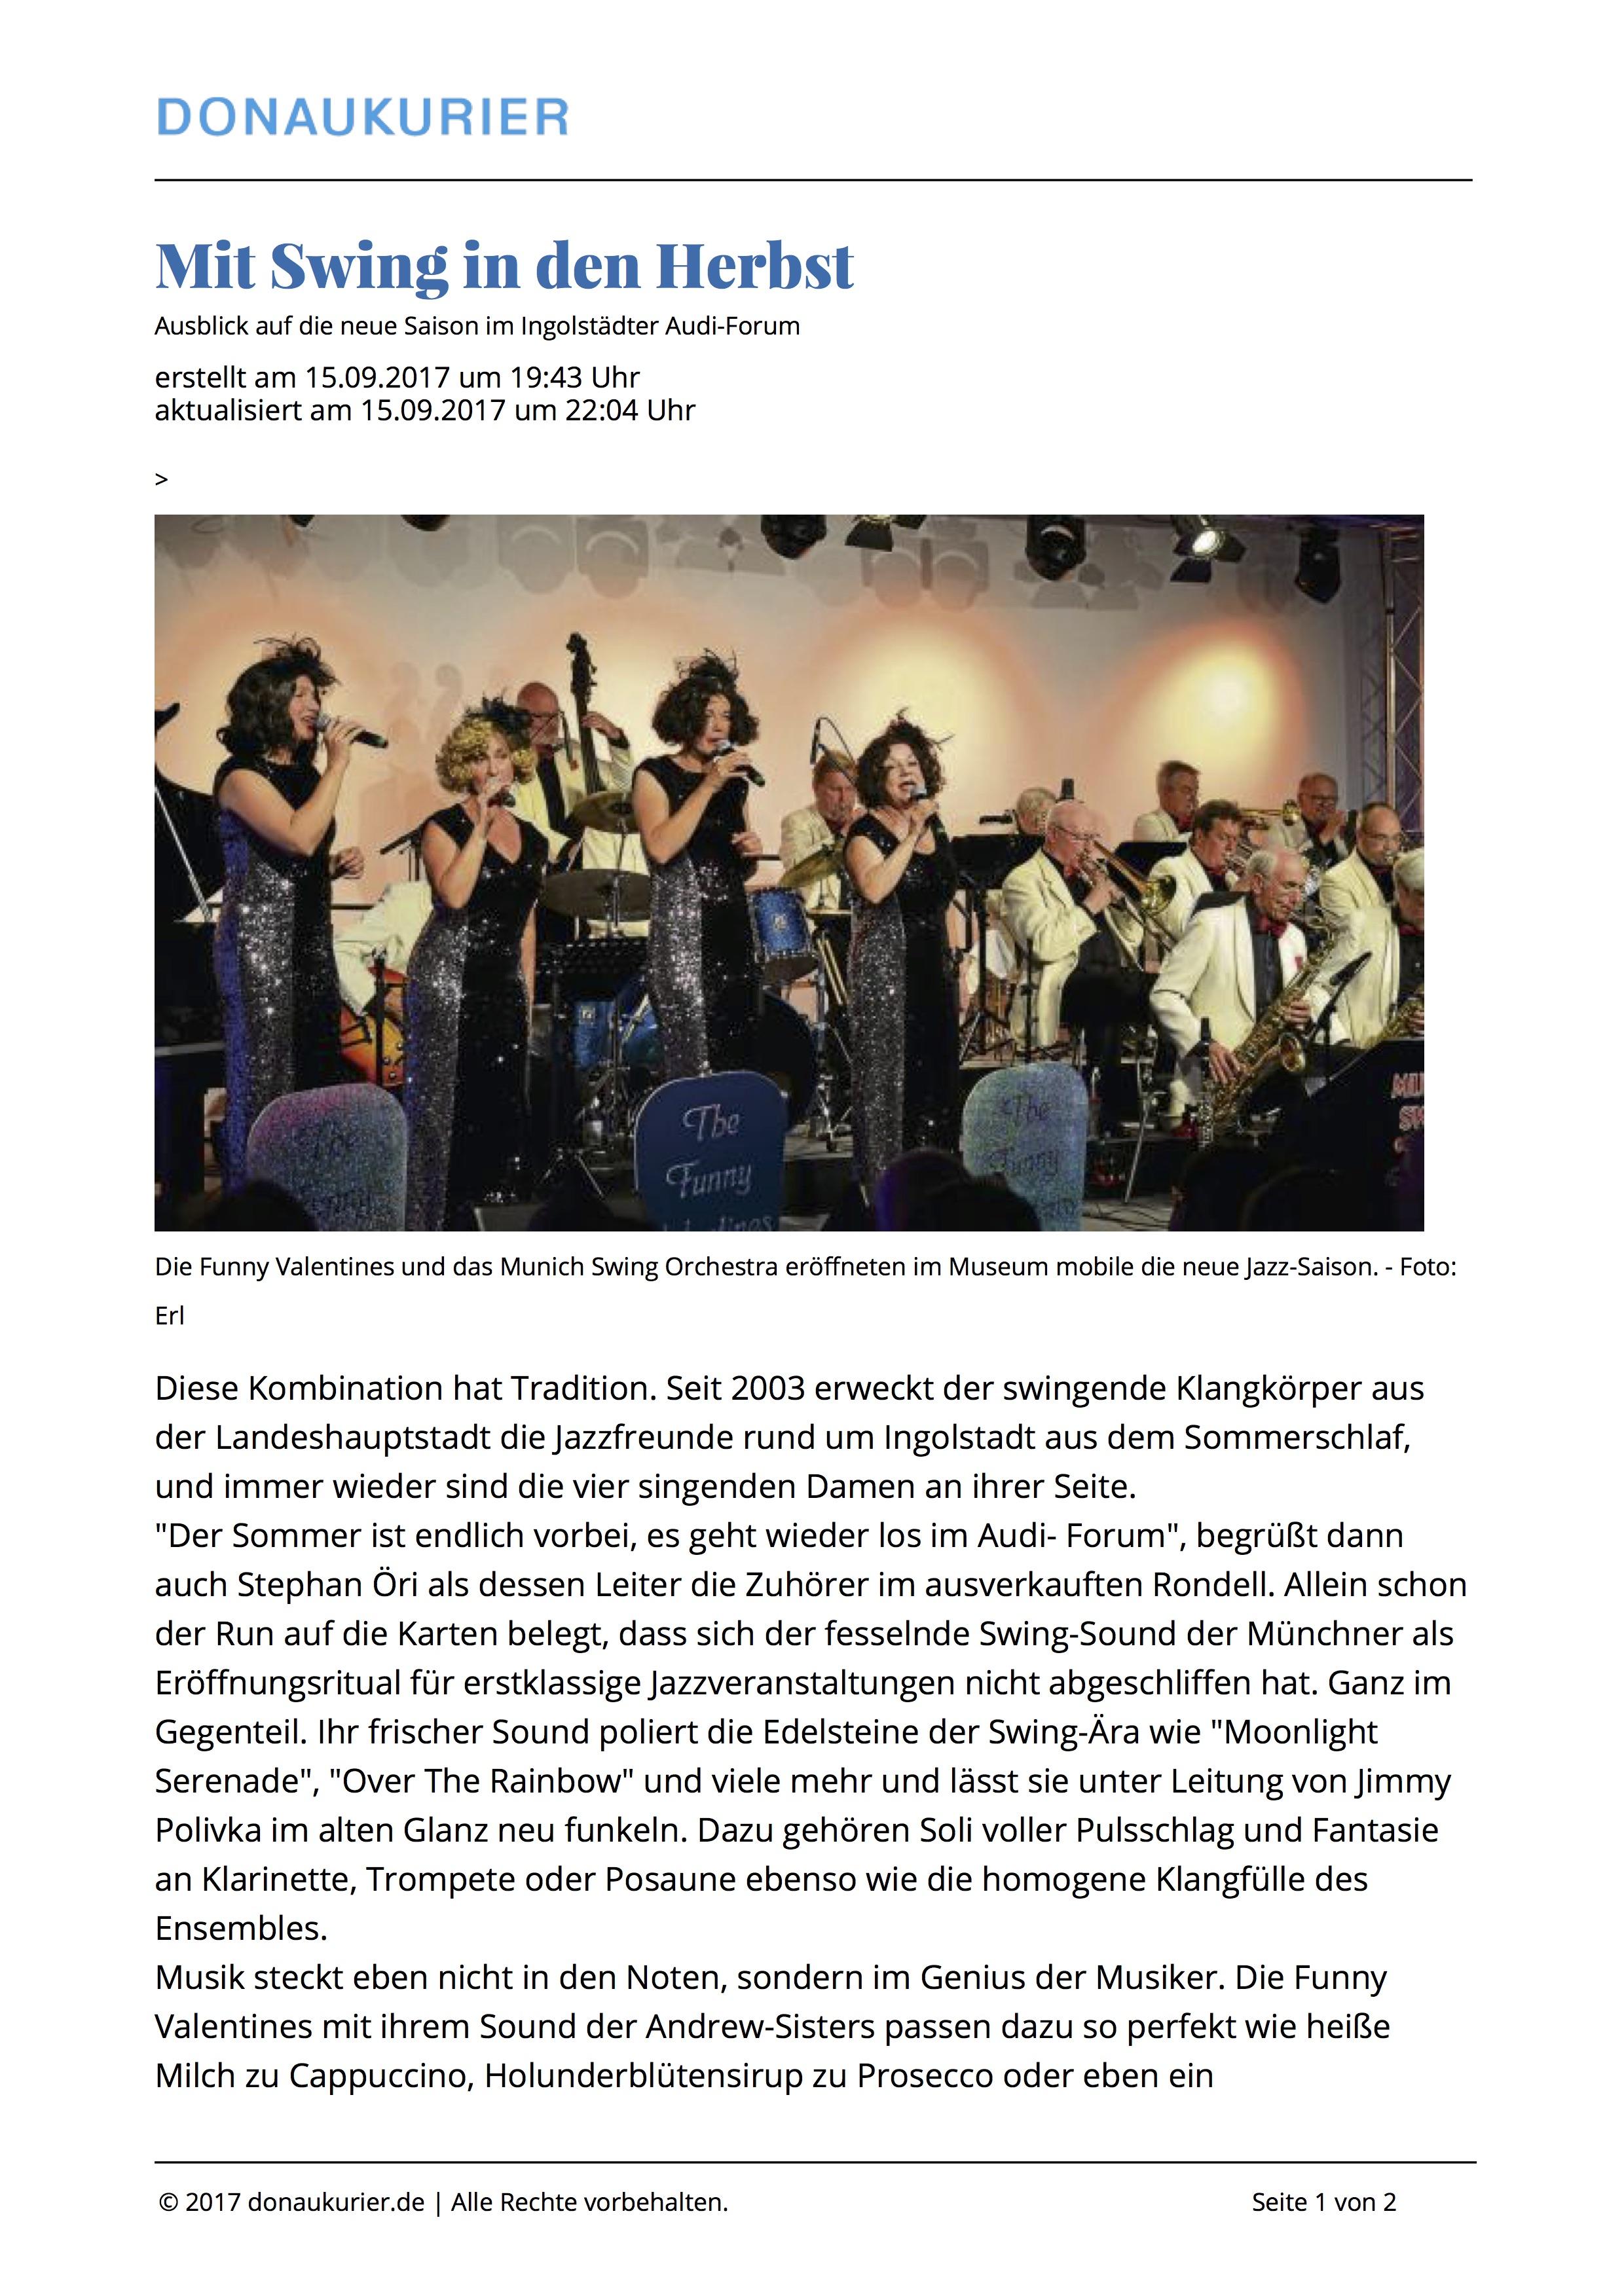 1 Ausblick_auf_die_neue_Saison_im_Ingolstaumldter_Audi-Forum_-_donaukurier.de